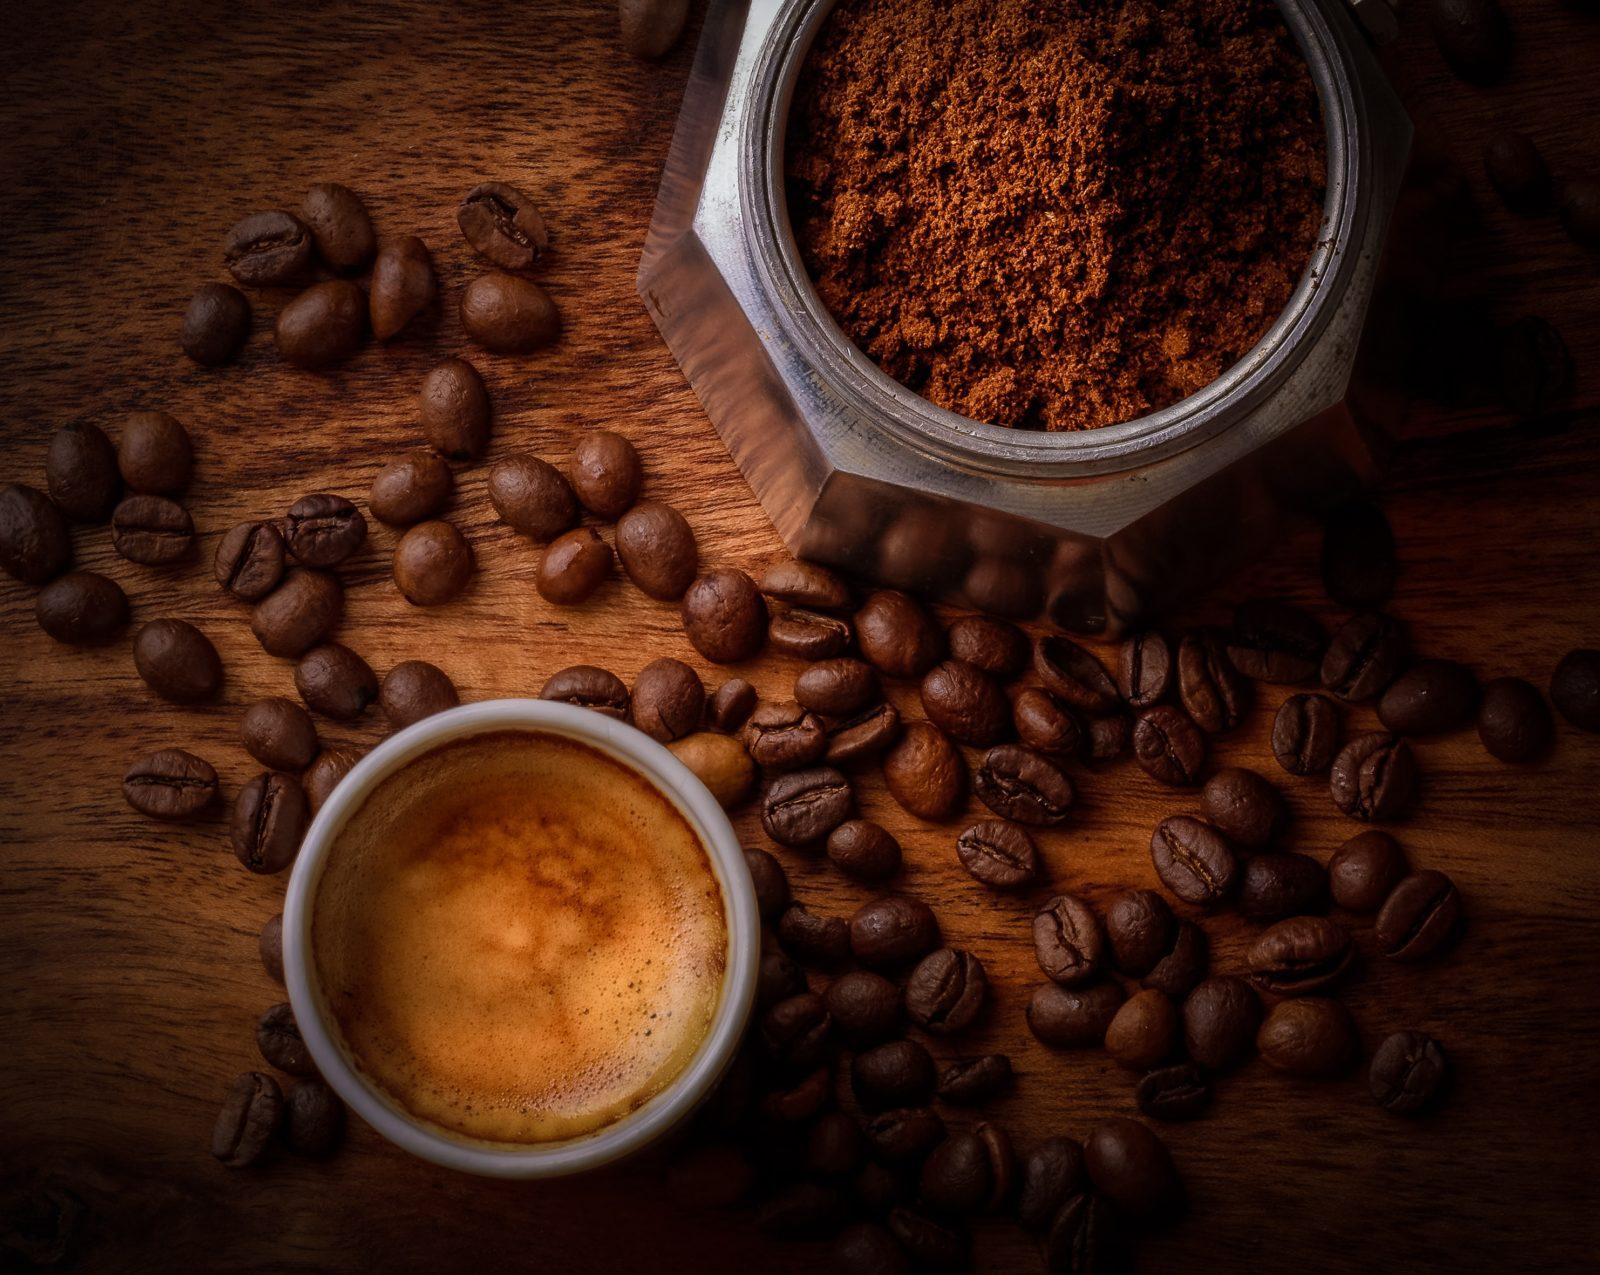 Unterwäsche von Björn Borg – jetzt auch aus Kaffeesatz / S.Café® als neues Material / Foto: 🇸🇮 Janko Ferlič - @specialdaddy on Unsplash / GROSS∆RTIG